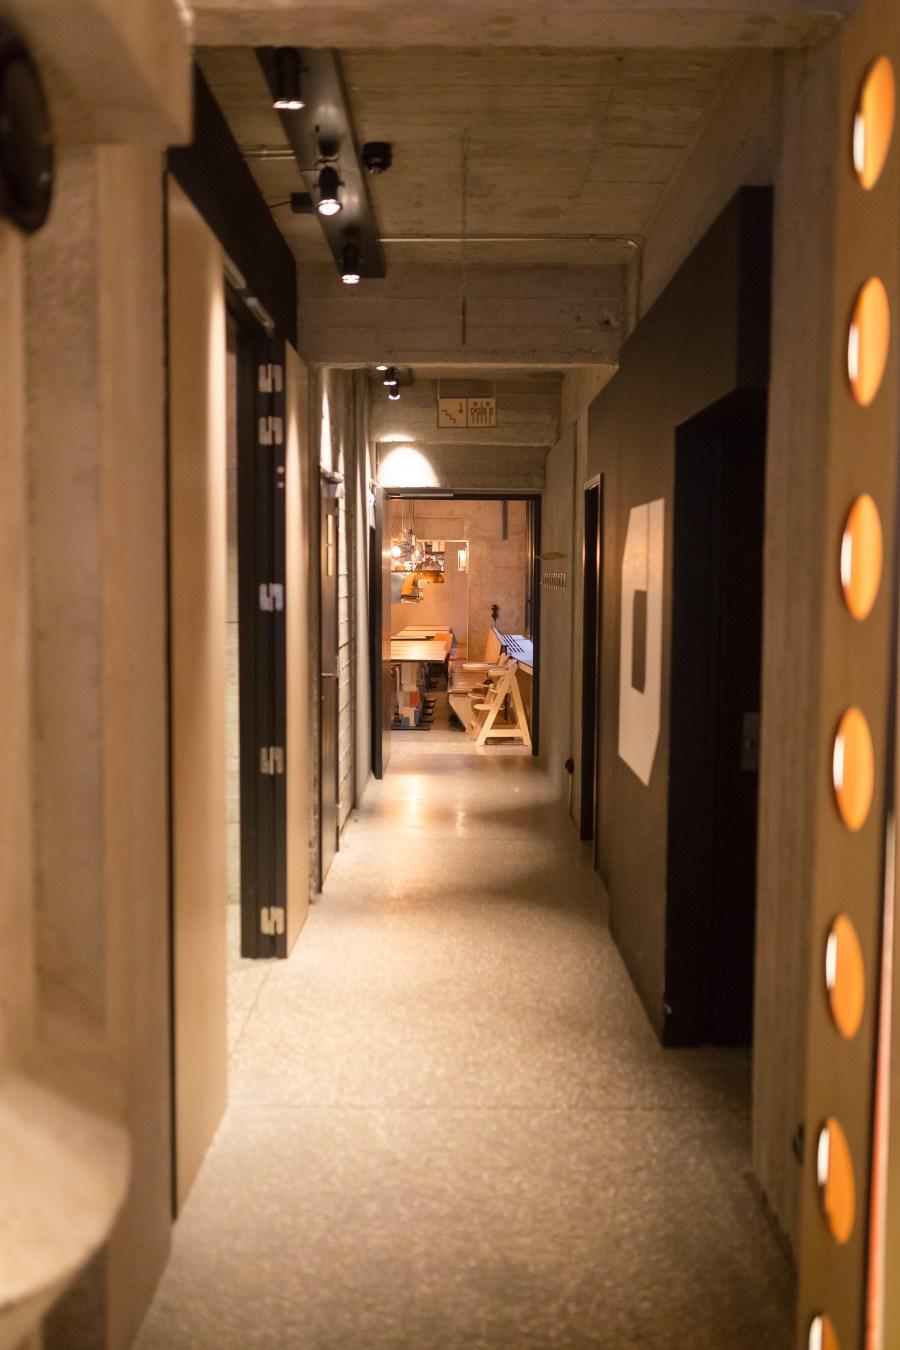 bruxelles-escapade-citytrip-jam-hotel-couloir